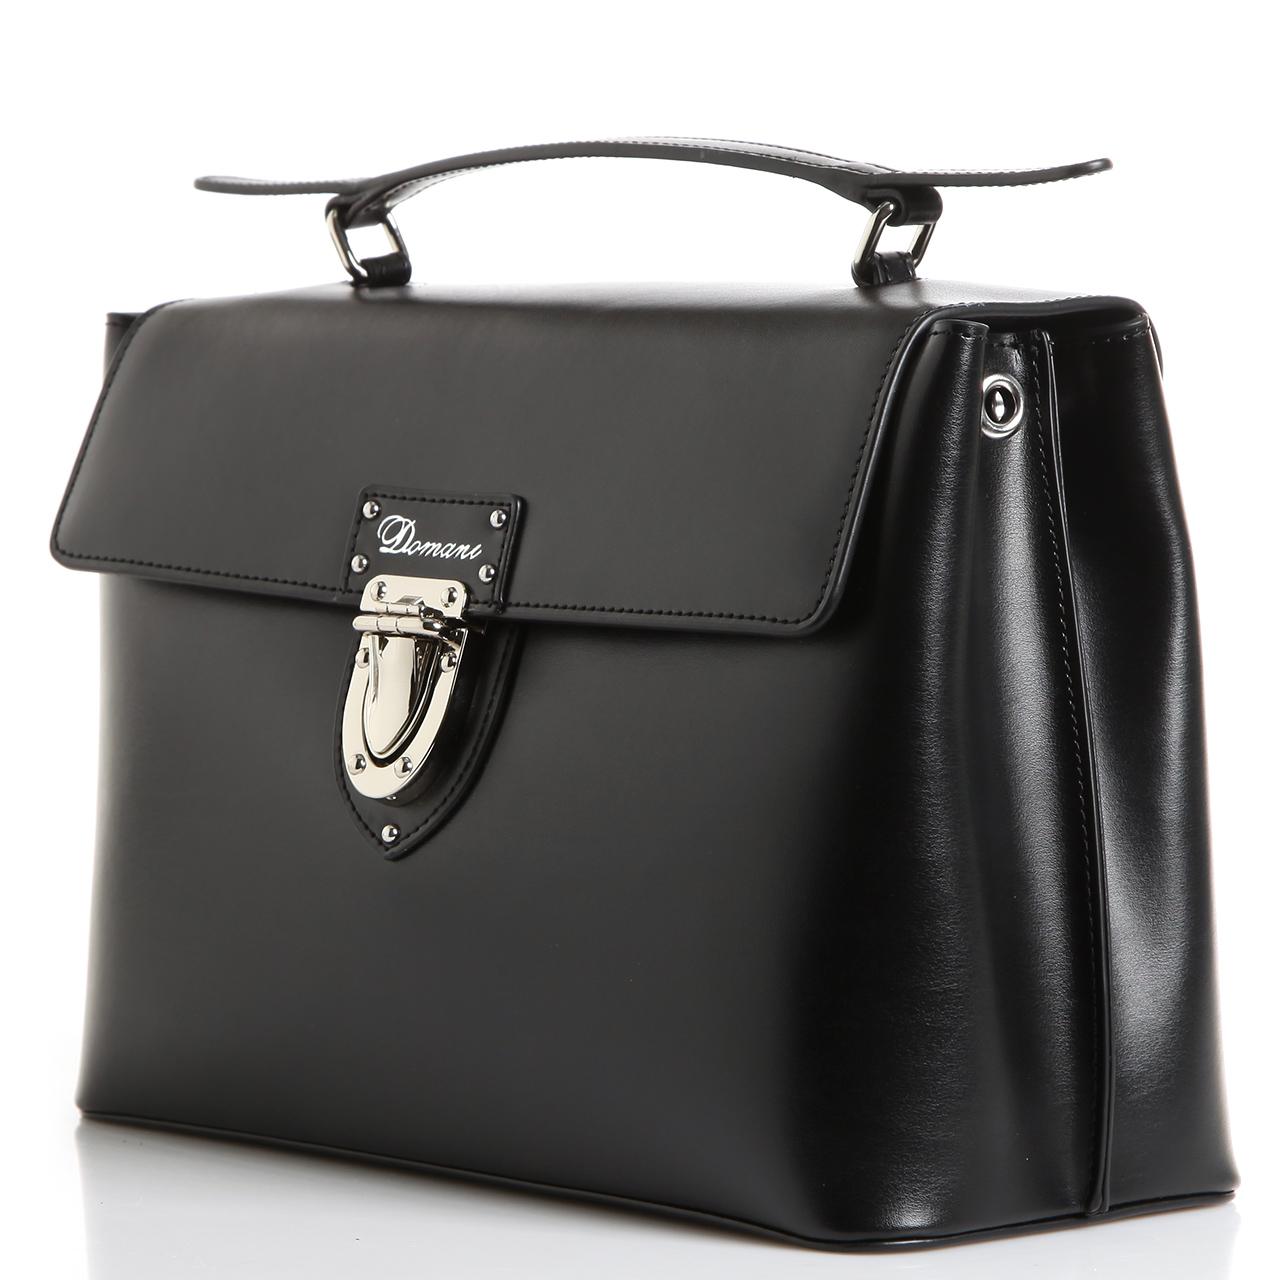 eaf2877207e2 Кожаные сумки купить в интернет-магазине Домани (Domani)